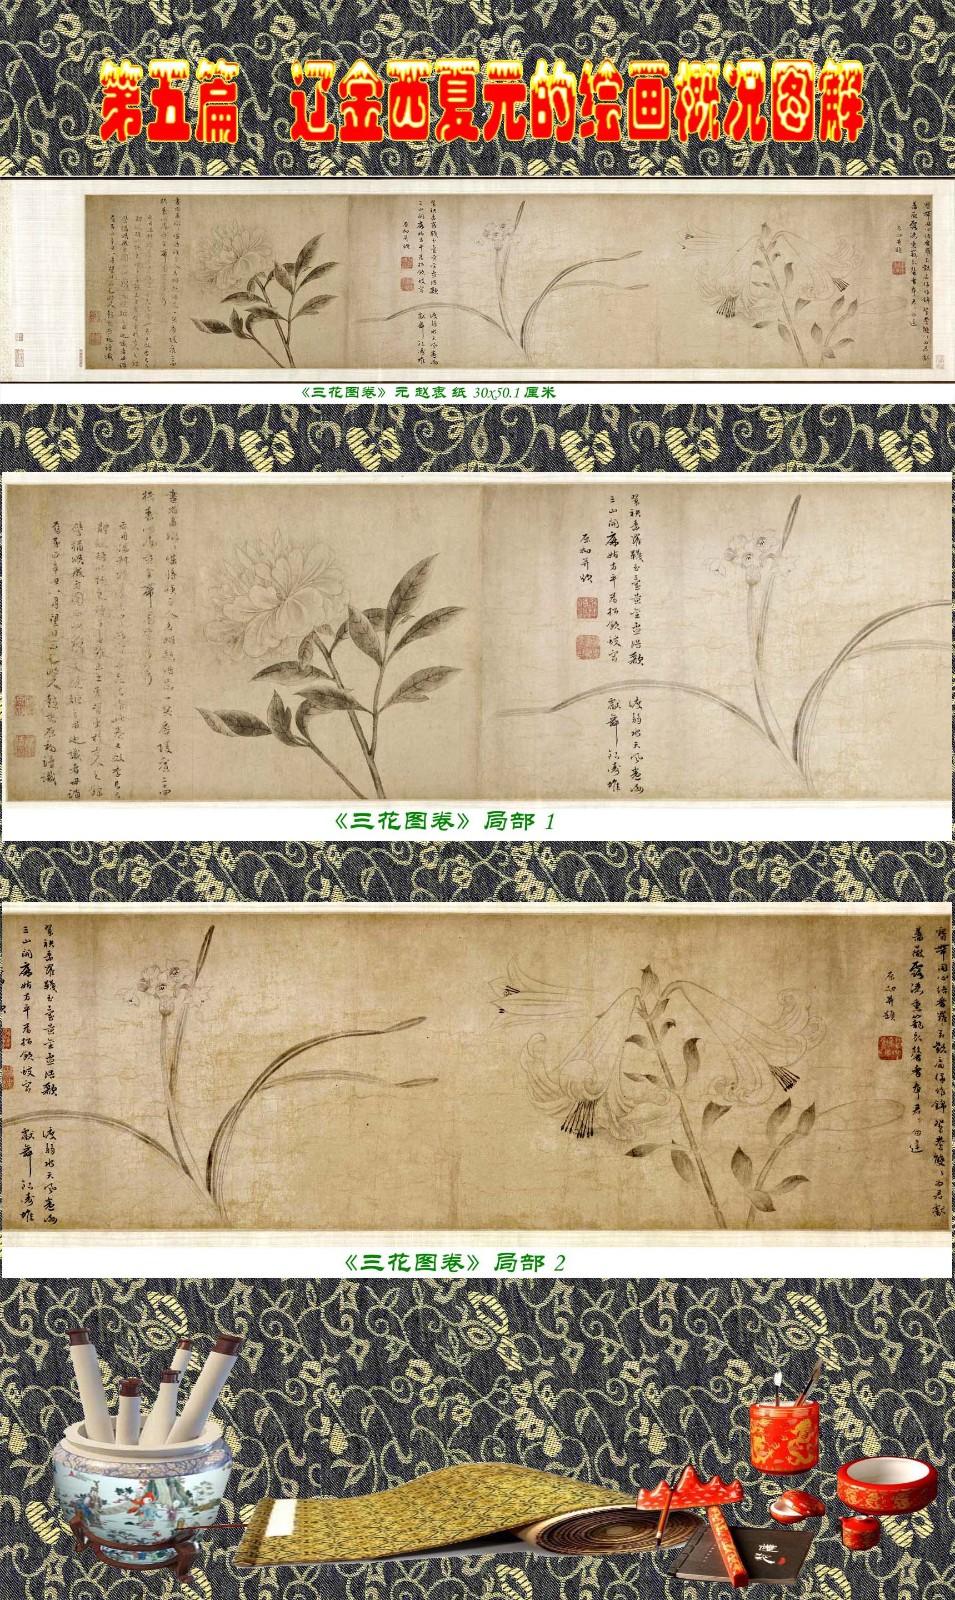 顾绍骅编辑 中国画知识普及版 第五篇 辽金西夏元的绘画概况 下 ... ..._图1-90